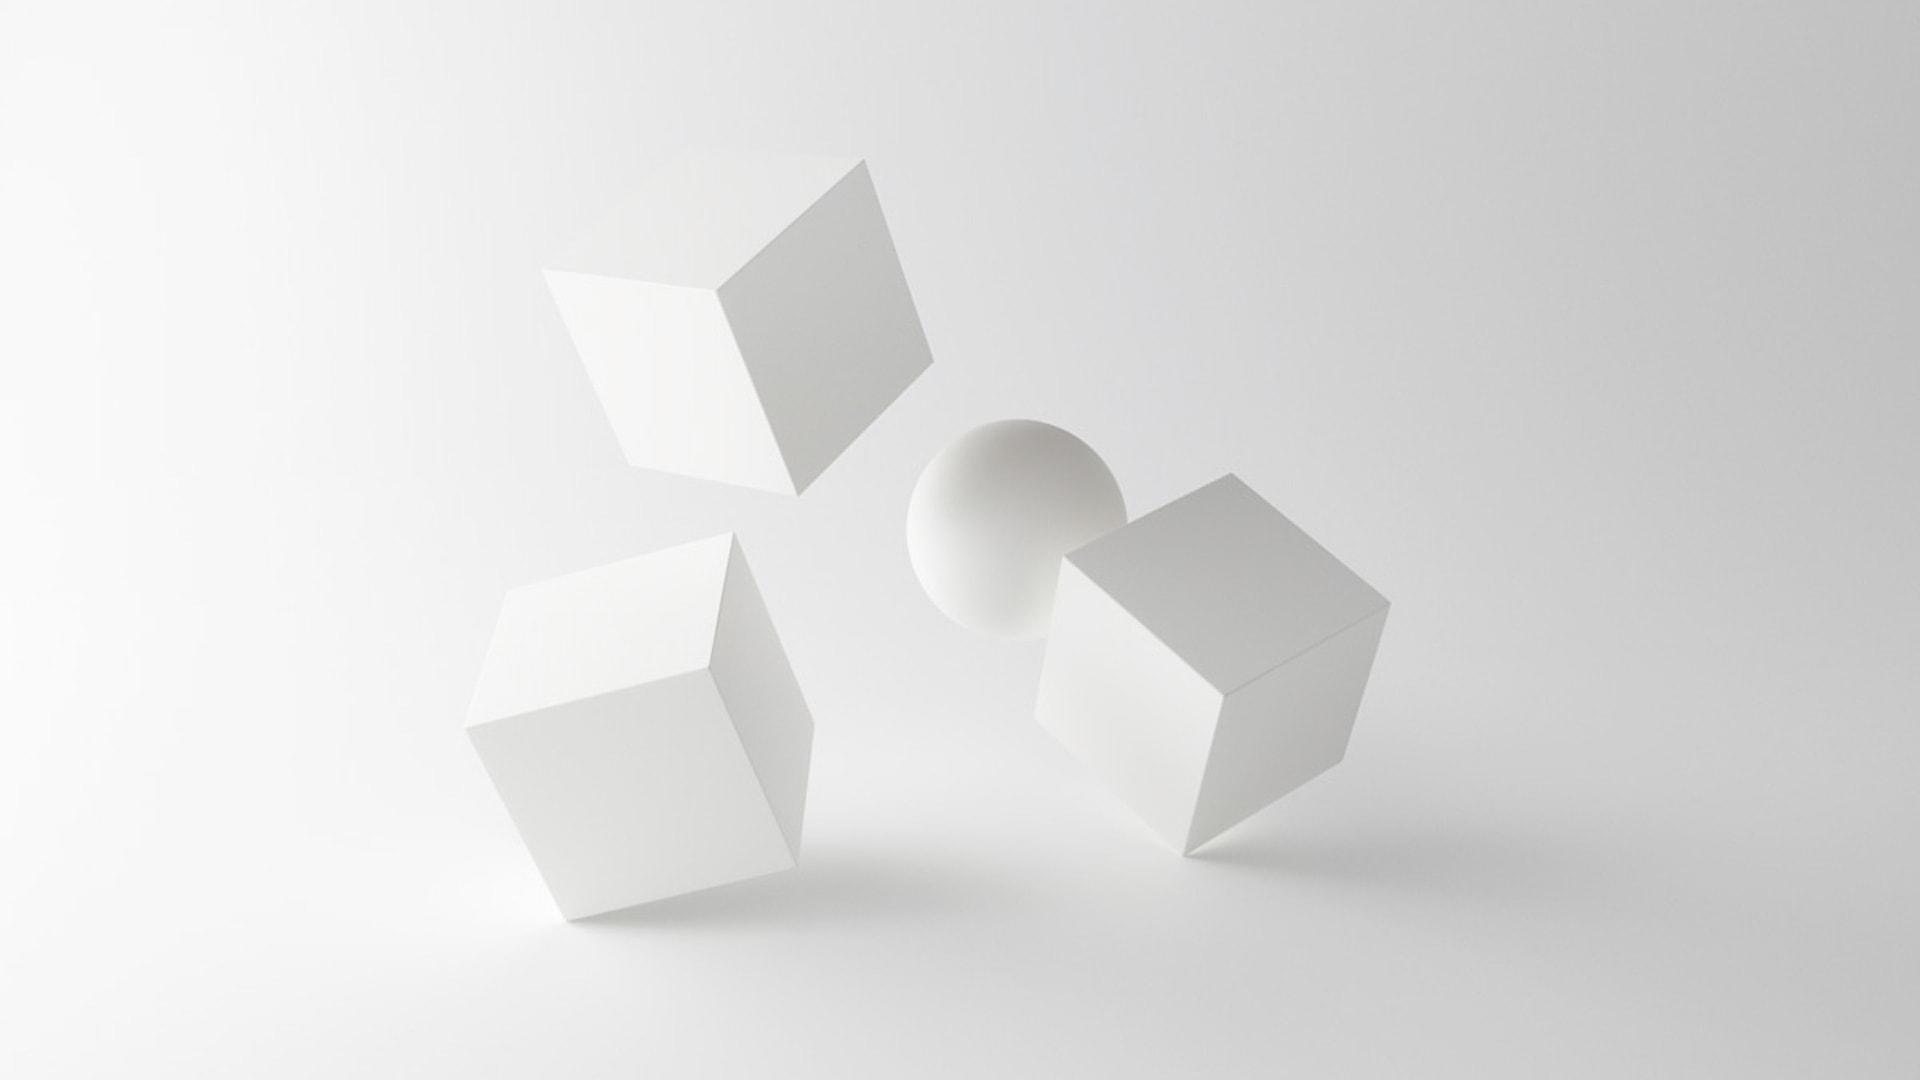 paginas-web-baratas-alta-calidad